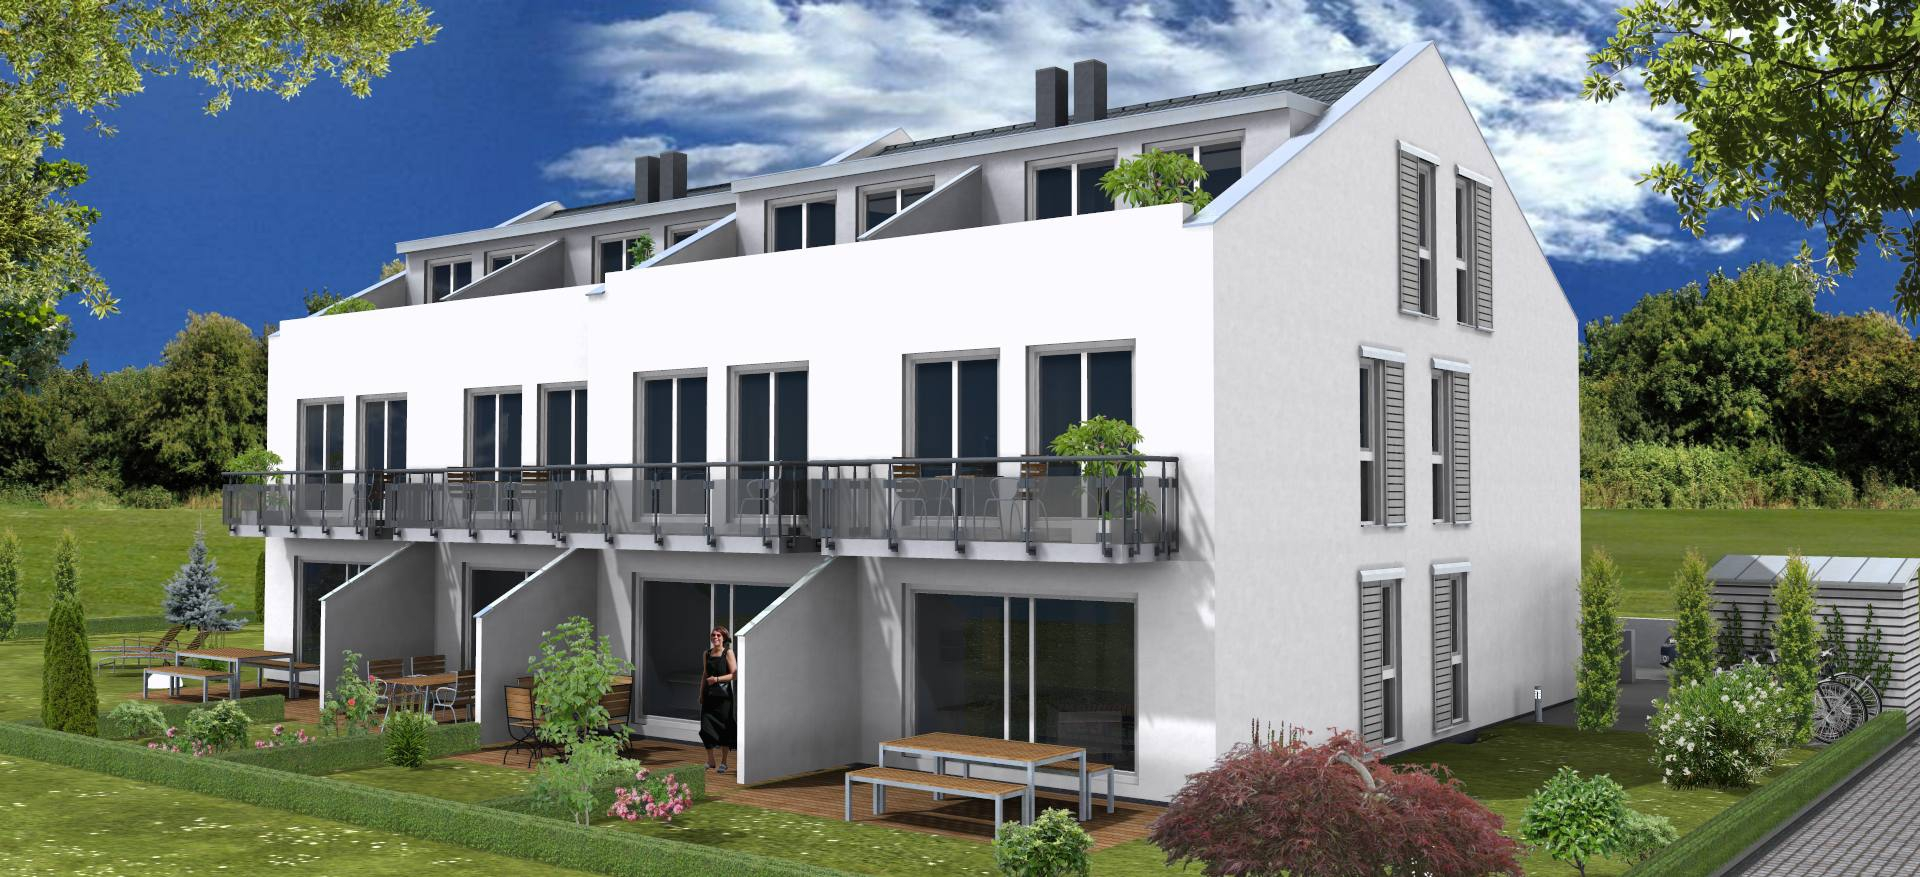 Gartenseite mit Terrasse, Balkon und Dachterrasse Suedansicht